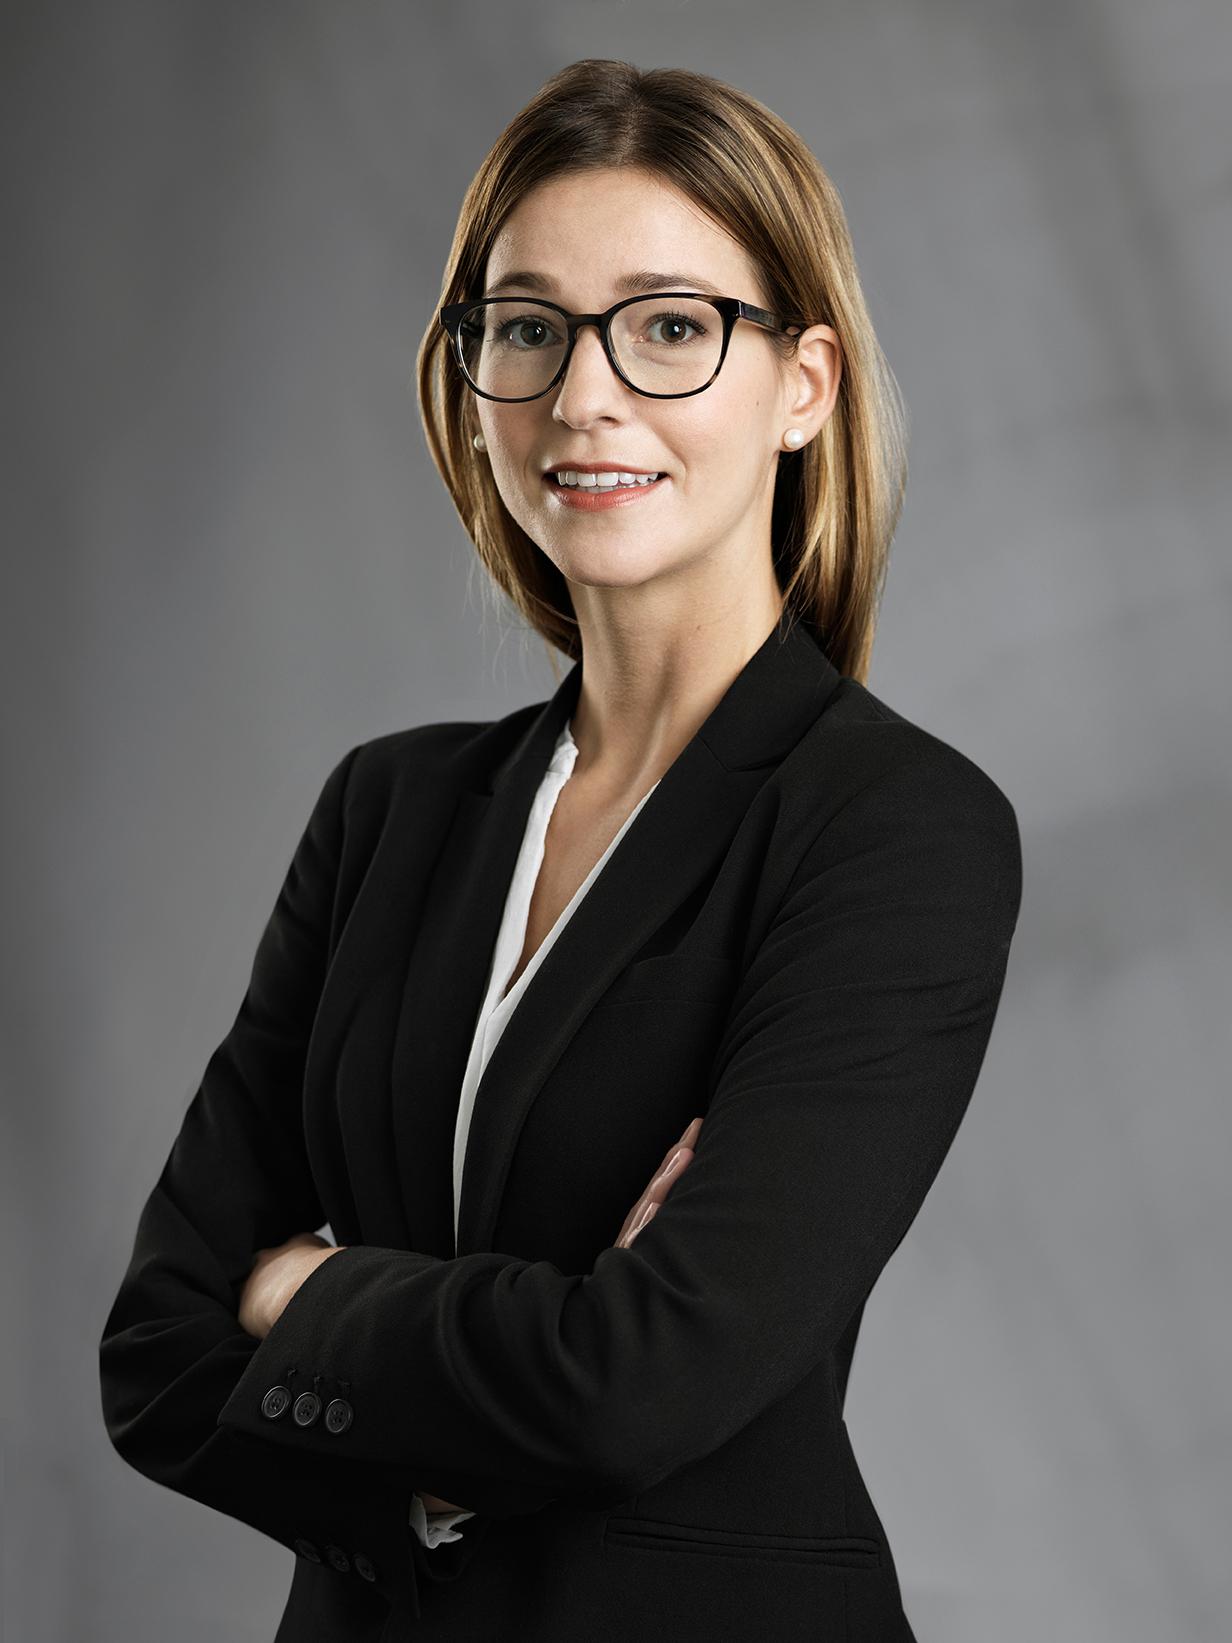 Tamara Rechsteiner